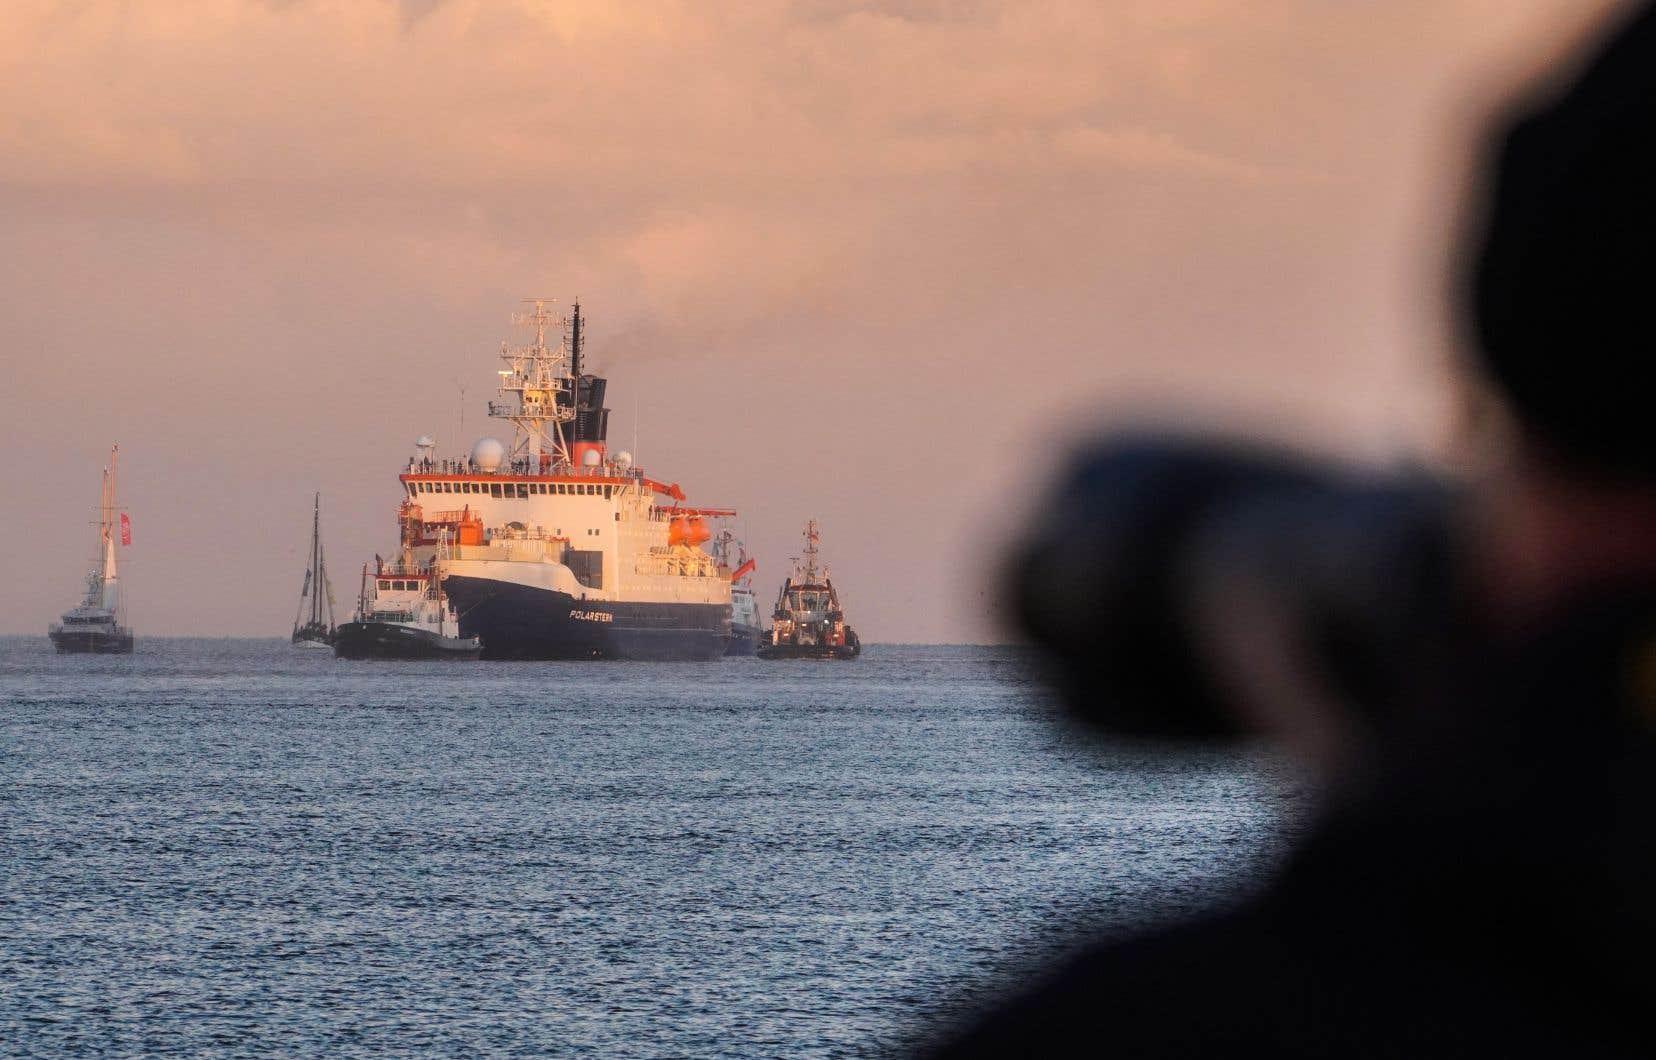 À l'issue de 389 jours en mer, le brise-glace <em>Polarstern</em> de l'institut allemand Alfred-Wegener a retrouvé son port d'attache de Bremerhaven, dans le nord-ouest de l'Allemagne.